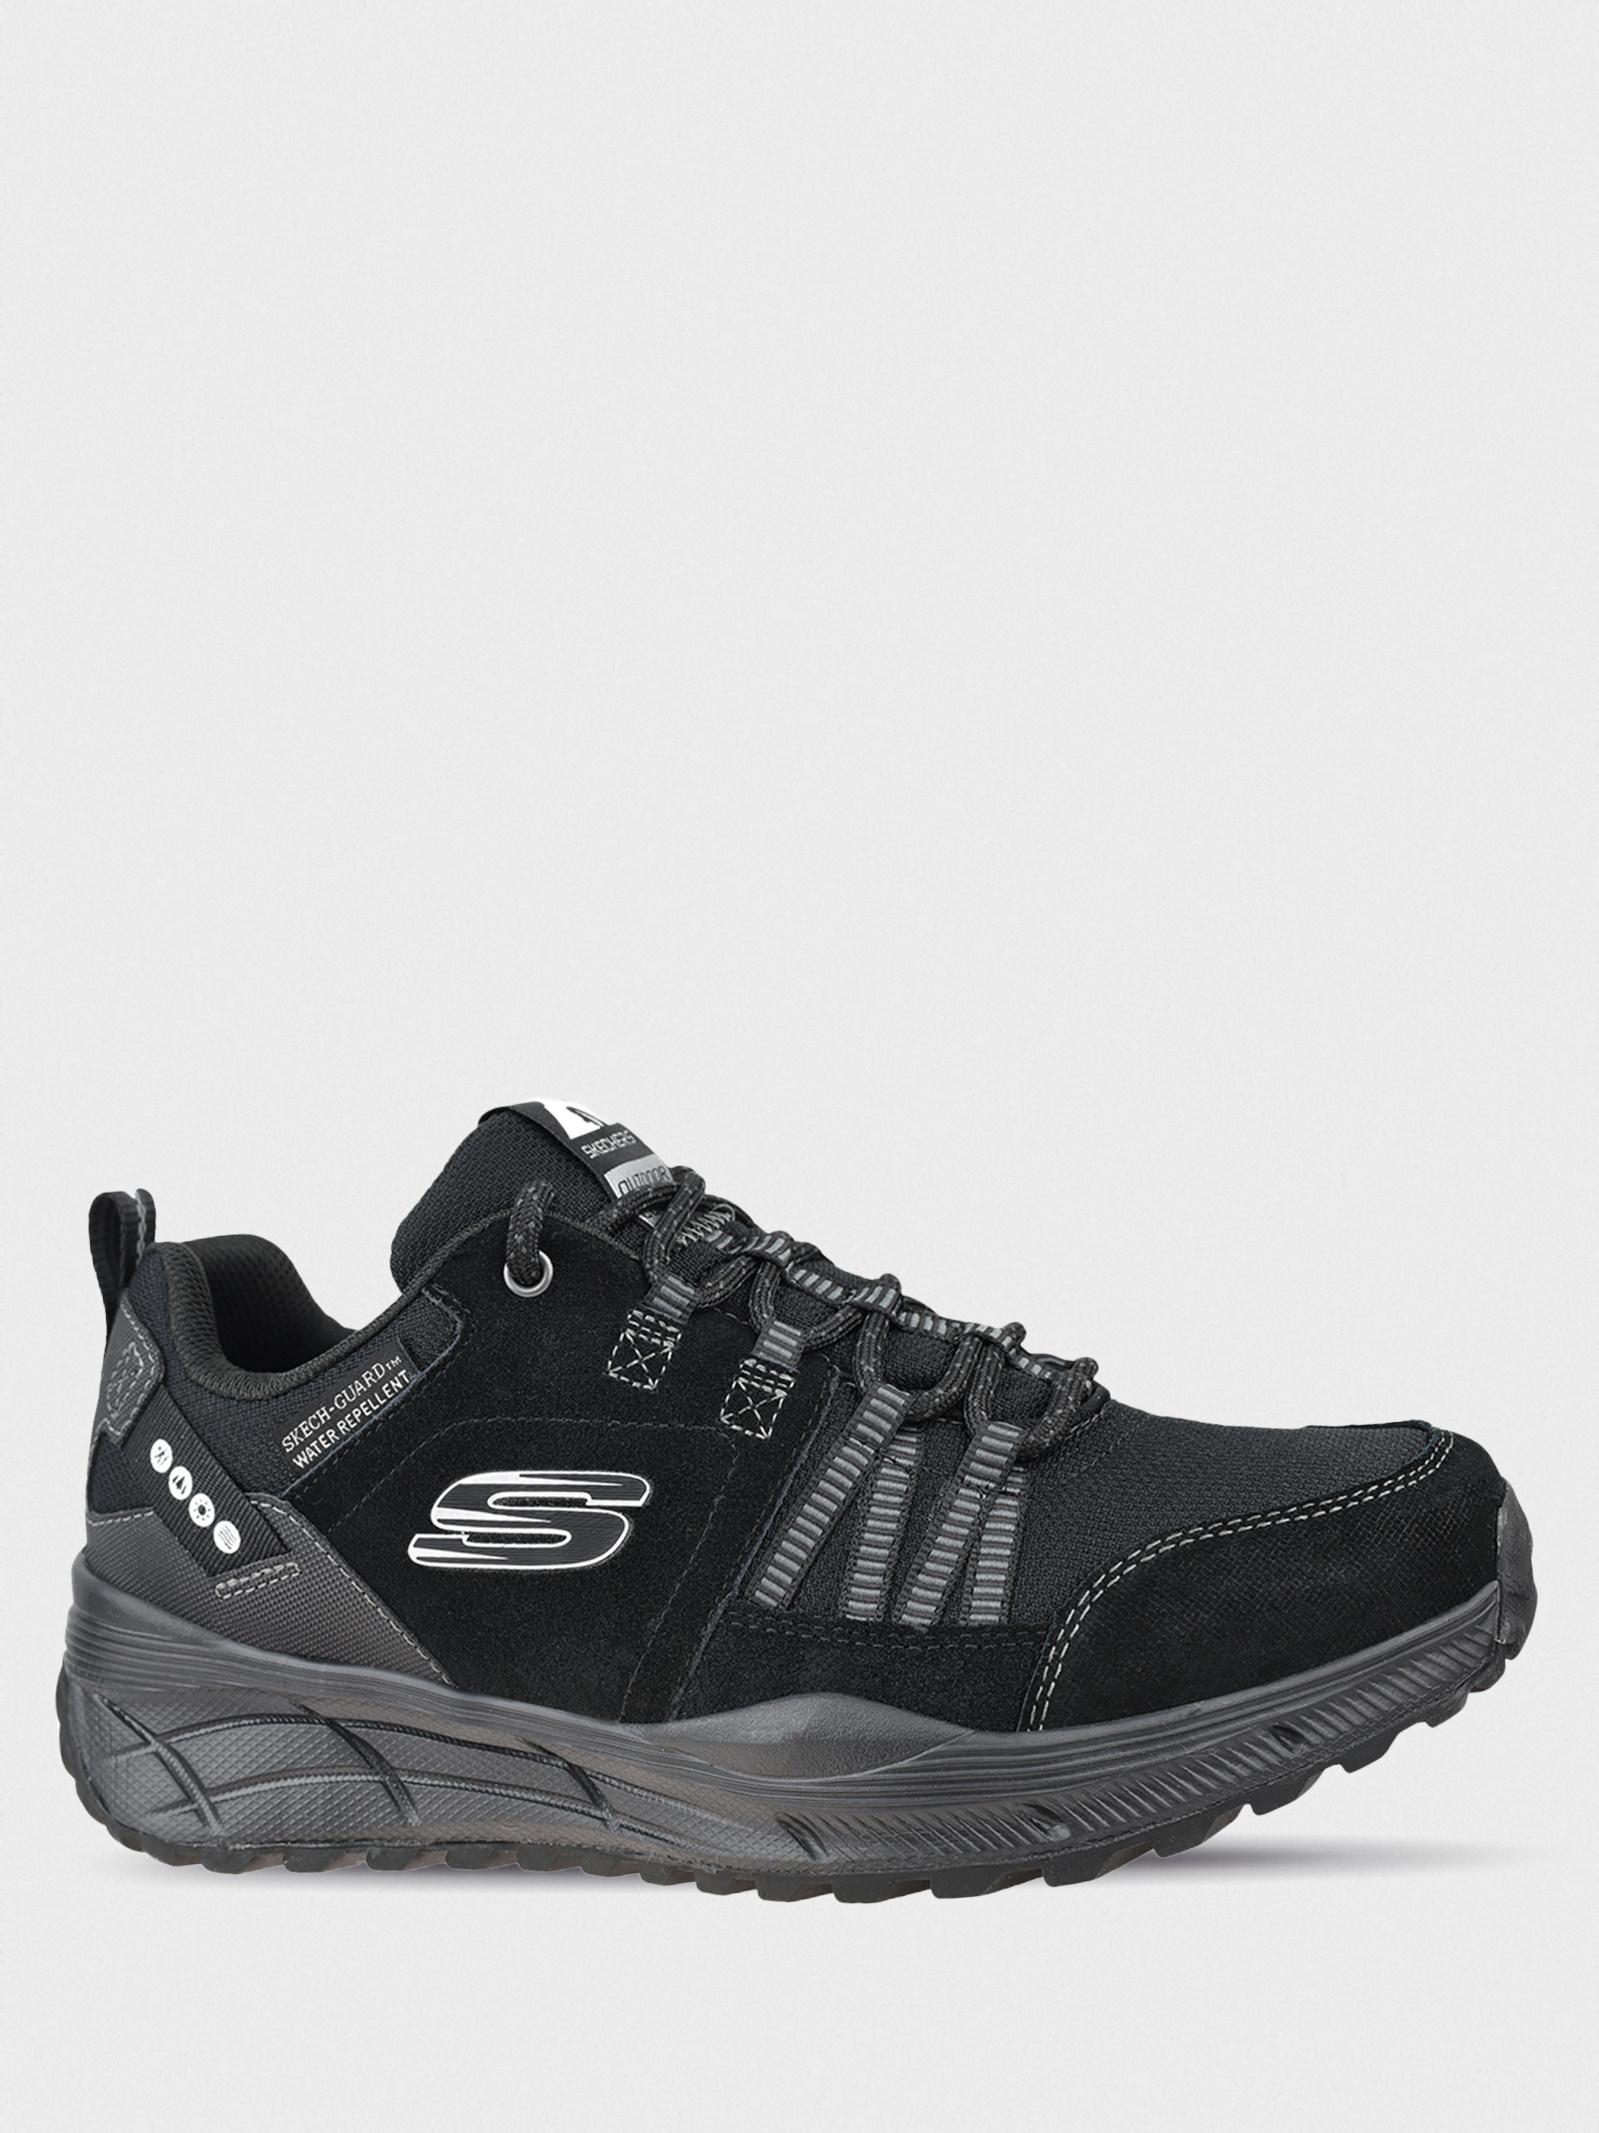 Кросівки чоловічі Skechers 237023 BBK - фото